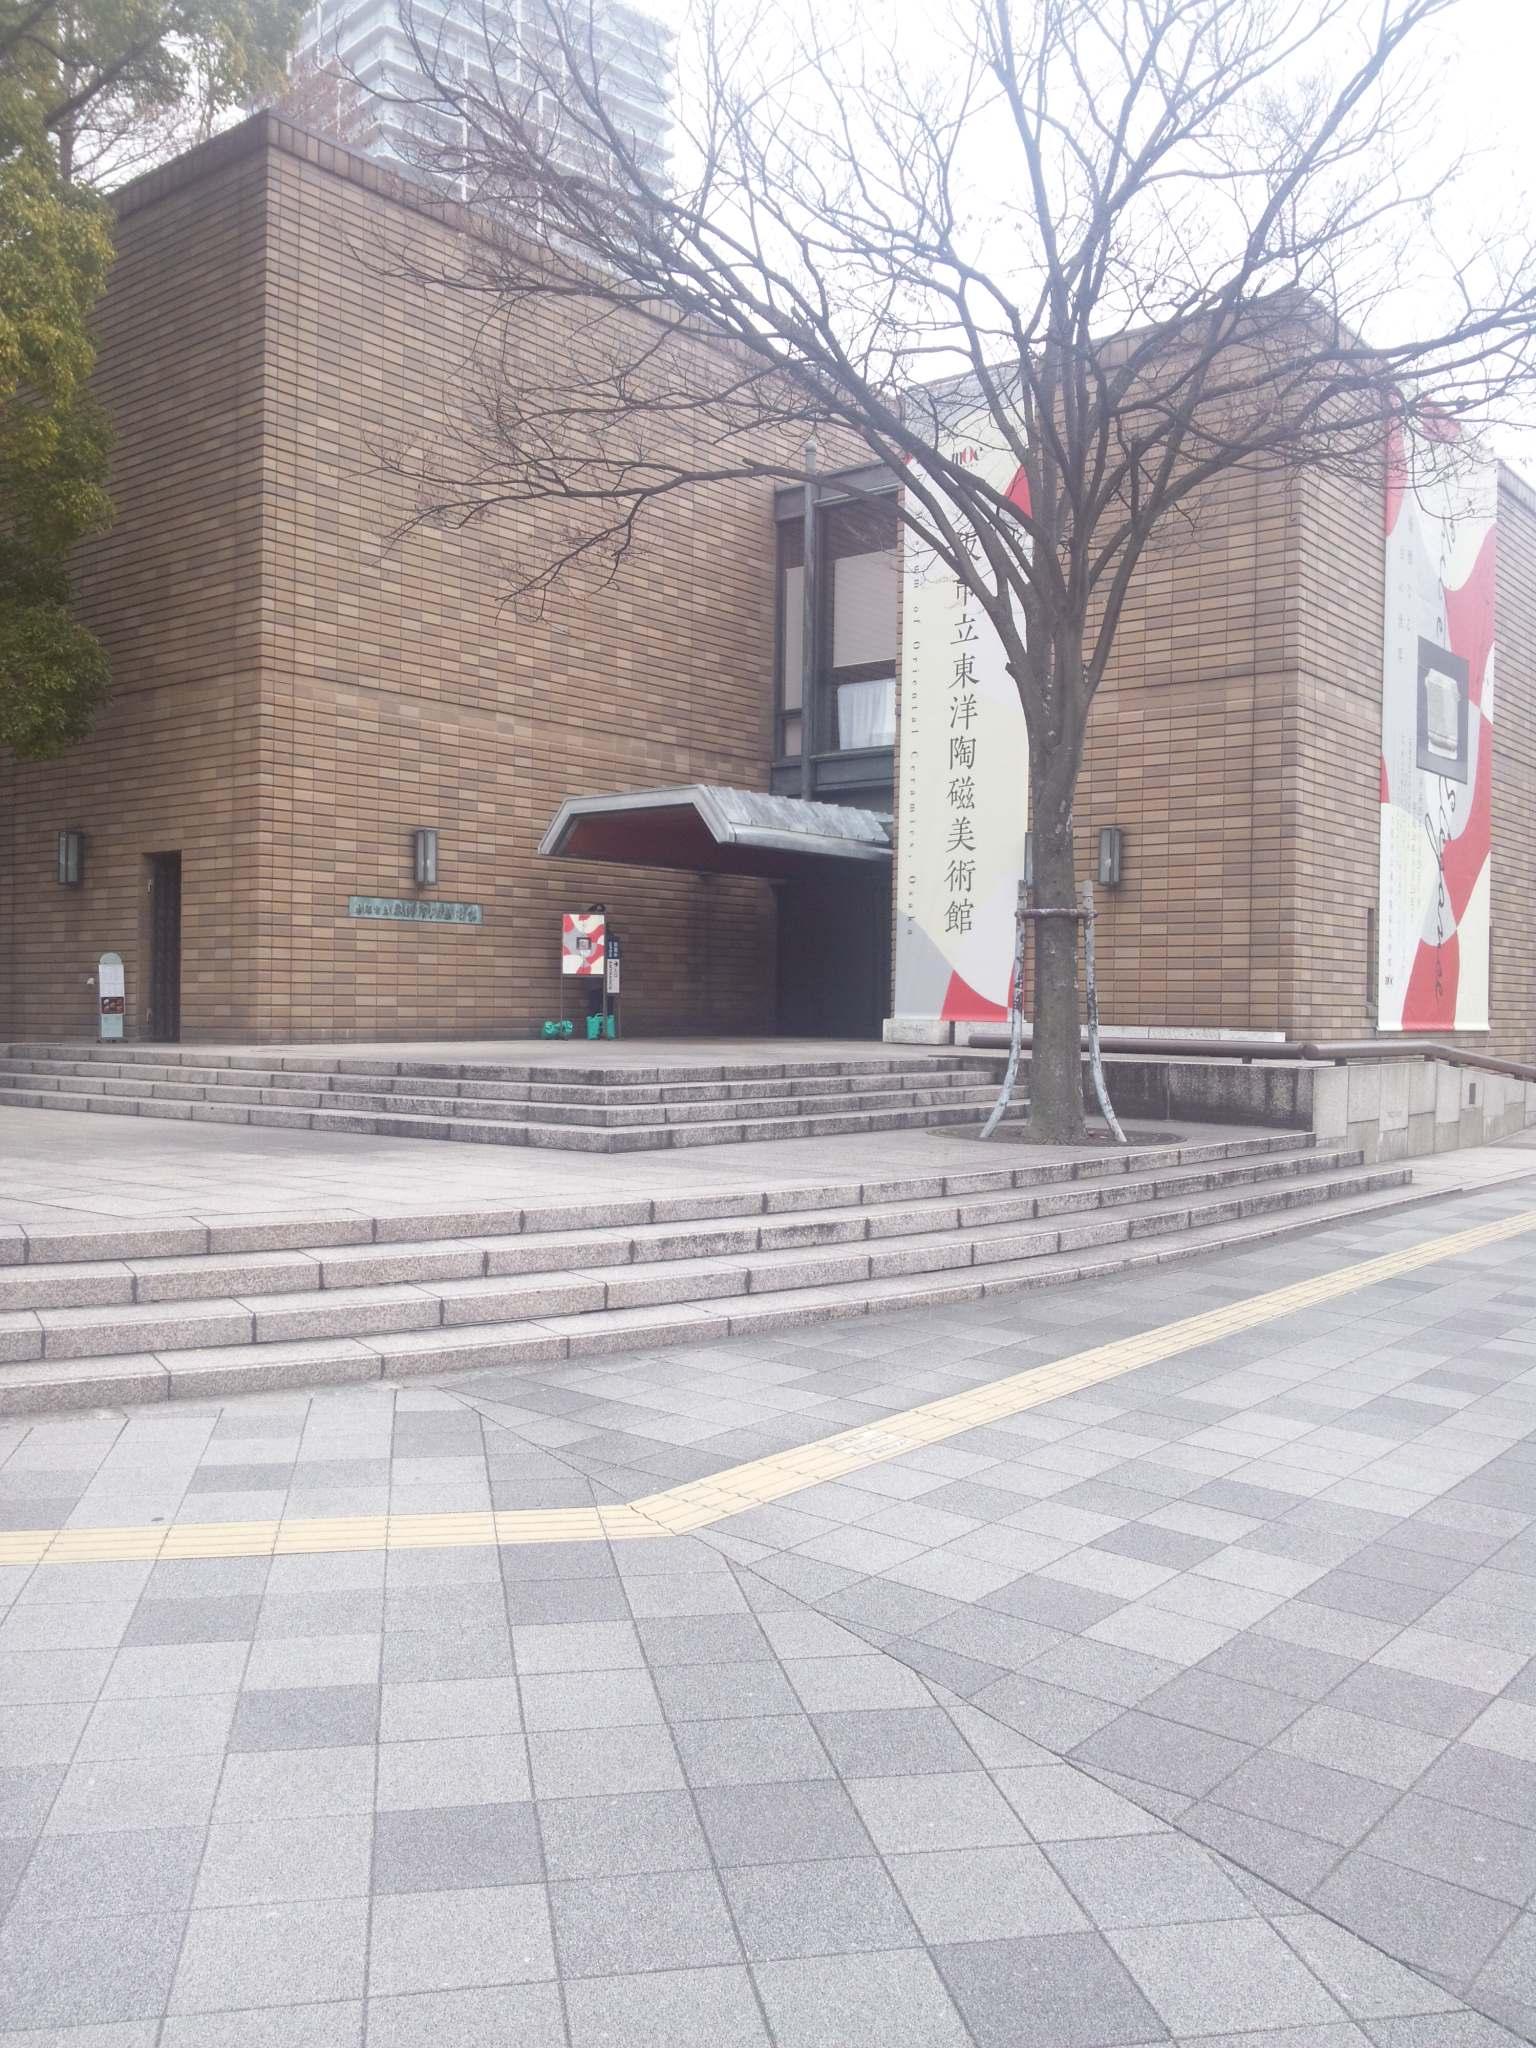 大阪周遊パス優待施設完全制覇の旅_c0001670_11191145.jpg